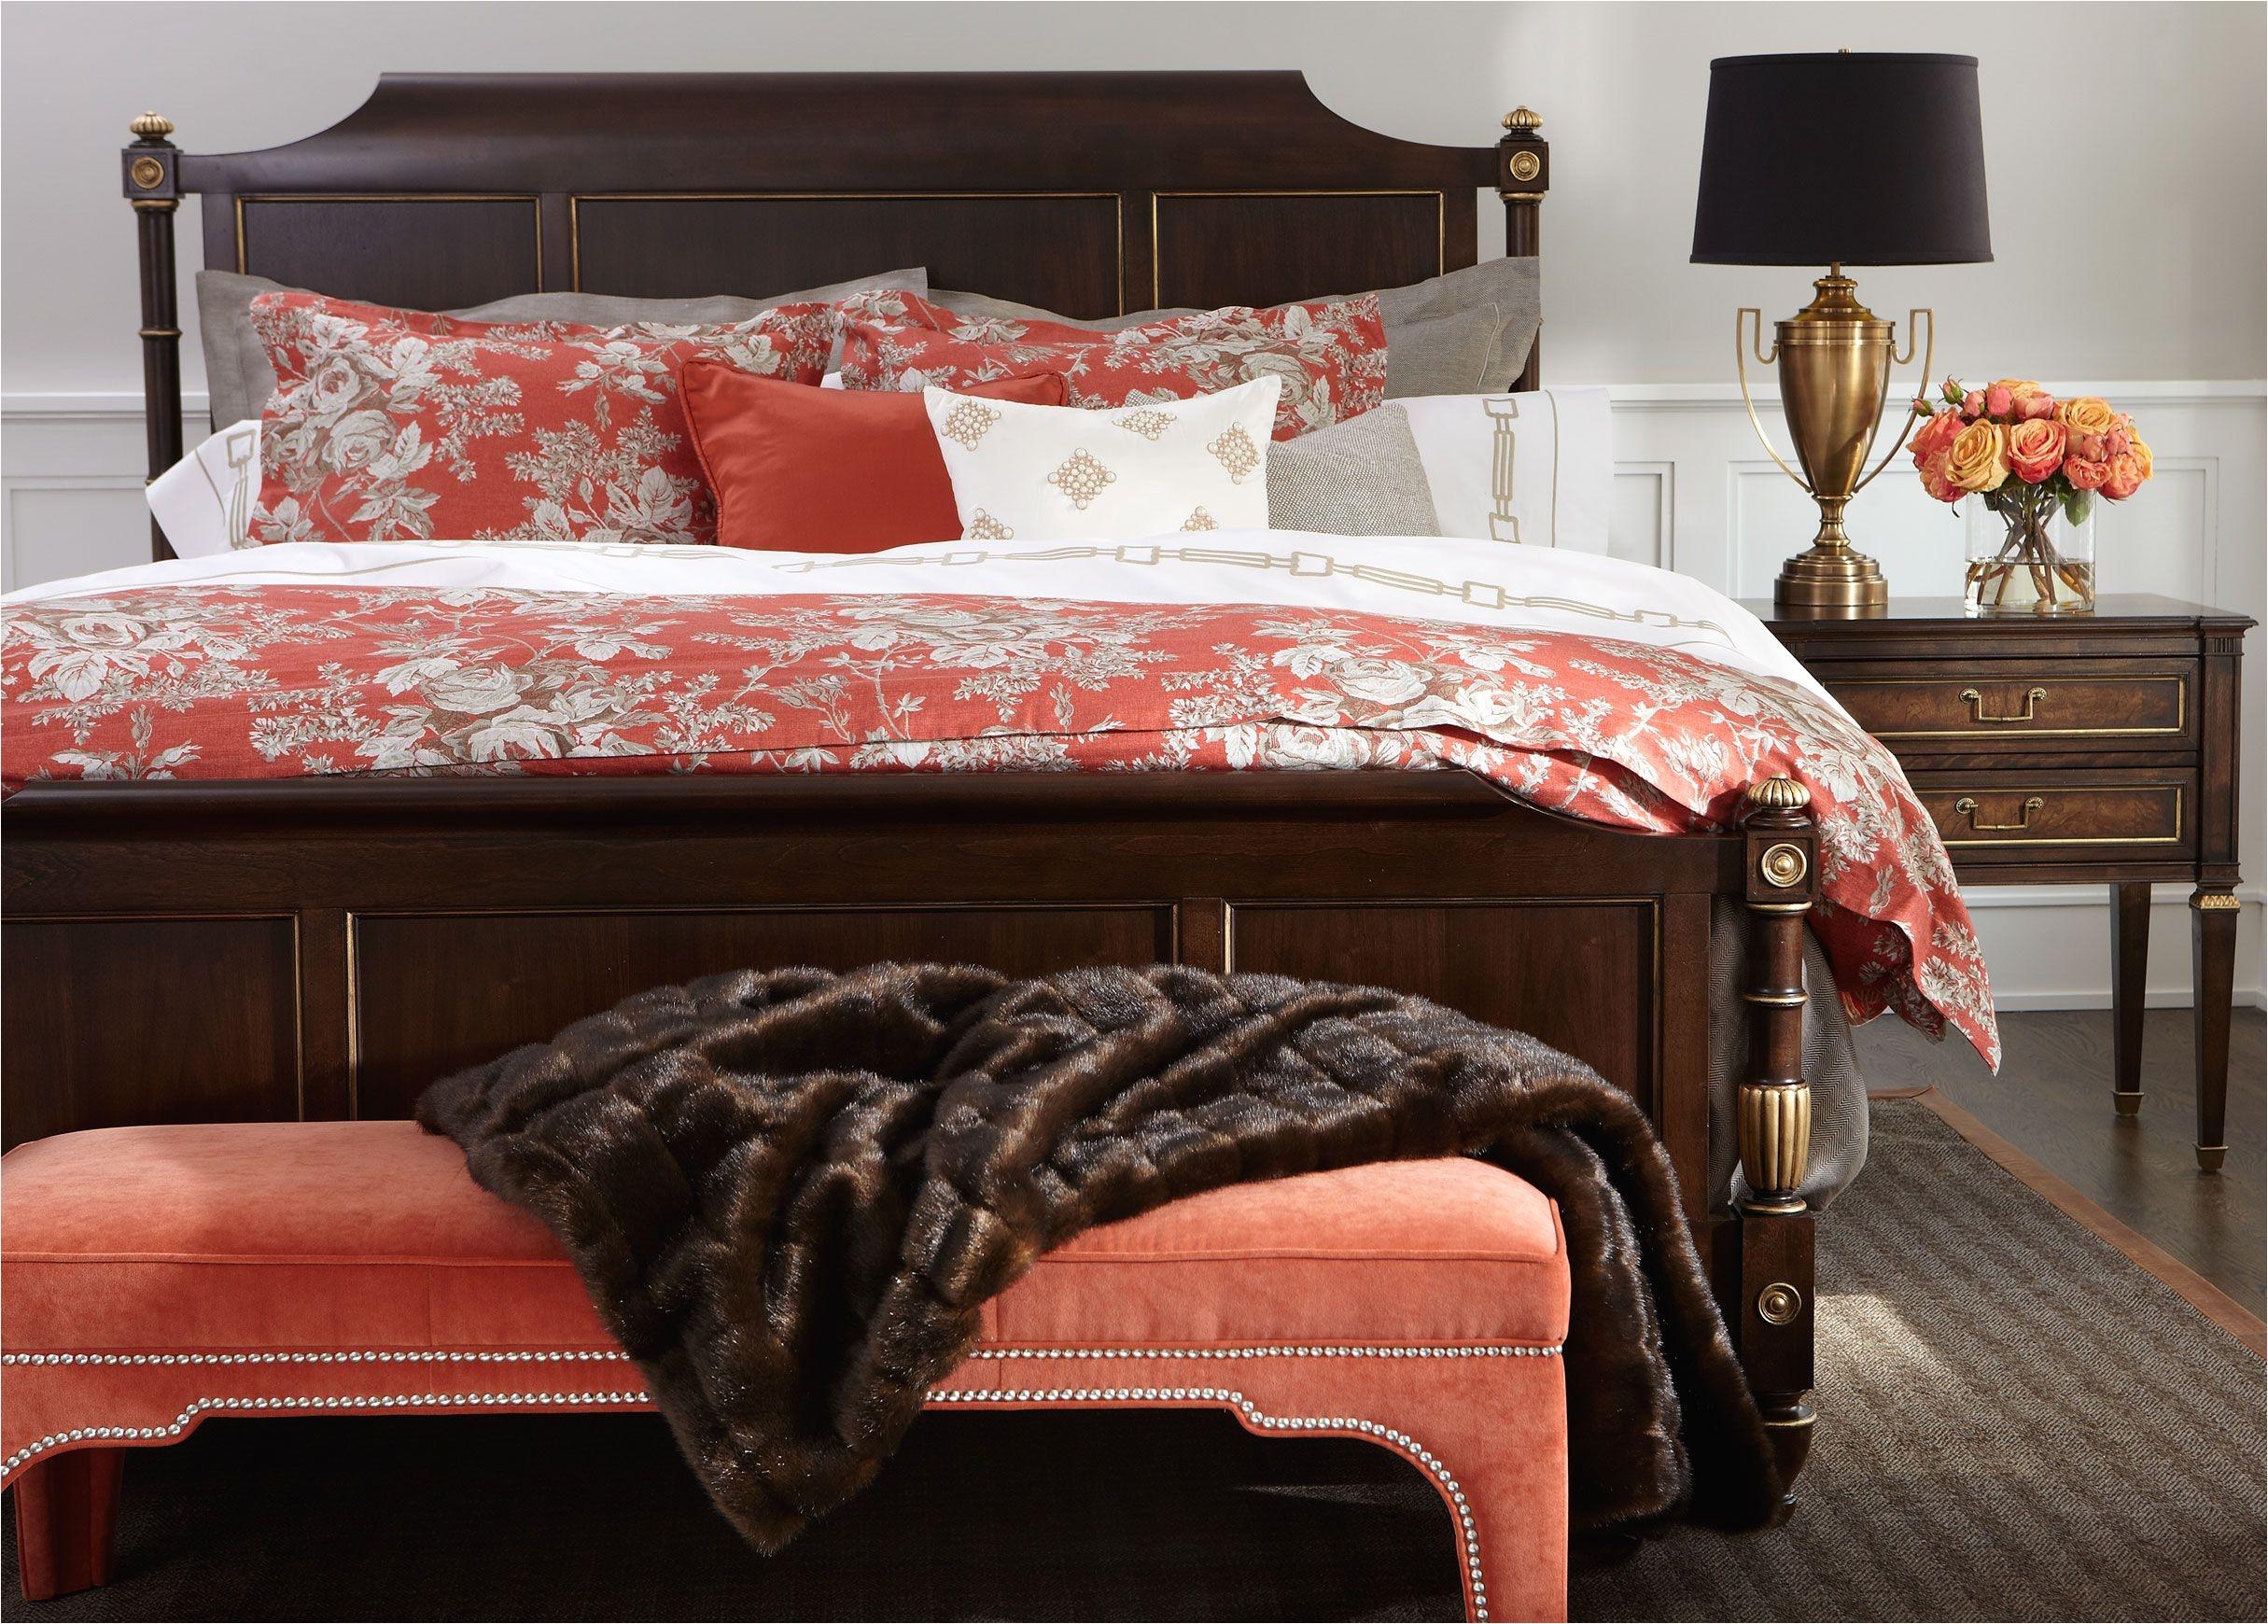 Ethan Allen Bedroom Furniture Collections Coral Dream Bedroom Shop Ethan Allen Omaha now